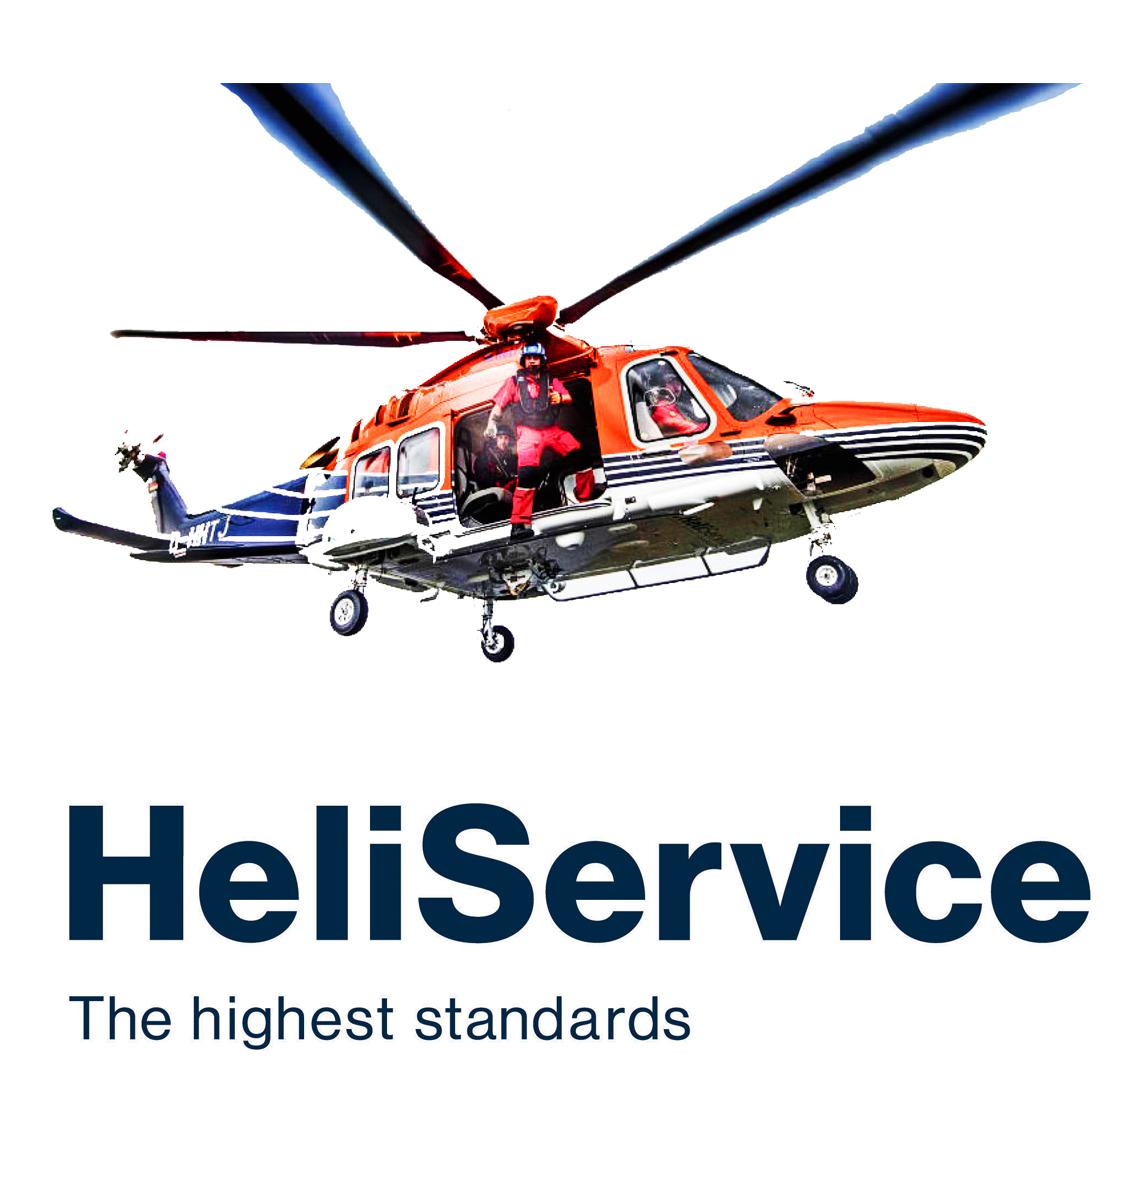 Heliservice logo - the highest standards